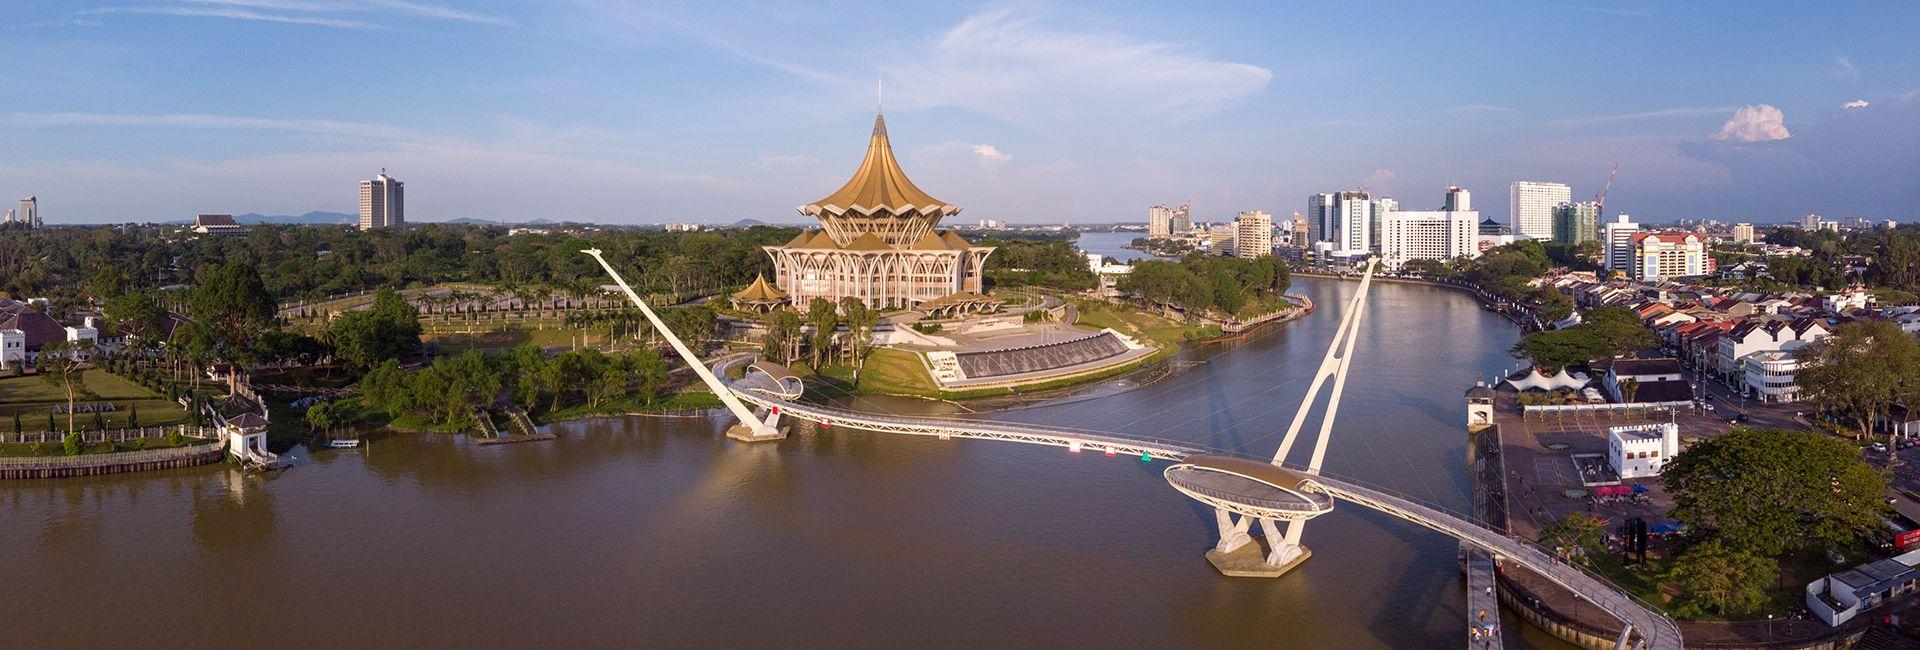 Kinh nghiệm du lịch Kuching 2 ngày 1 đêm